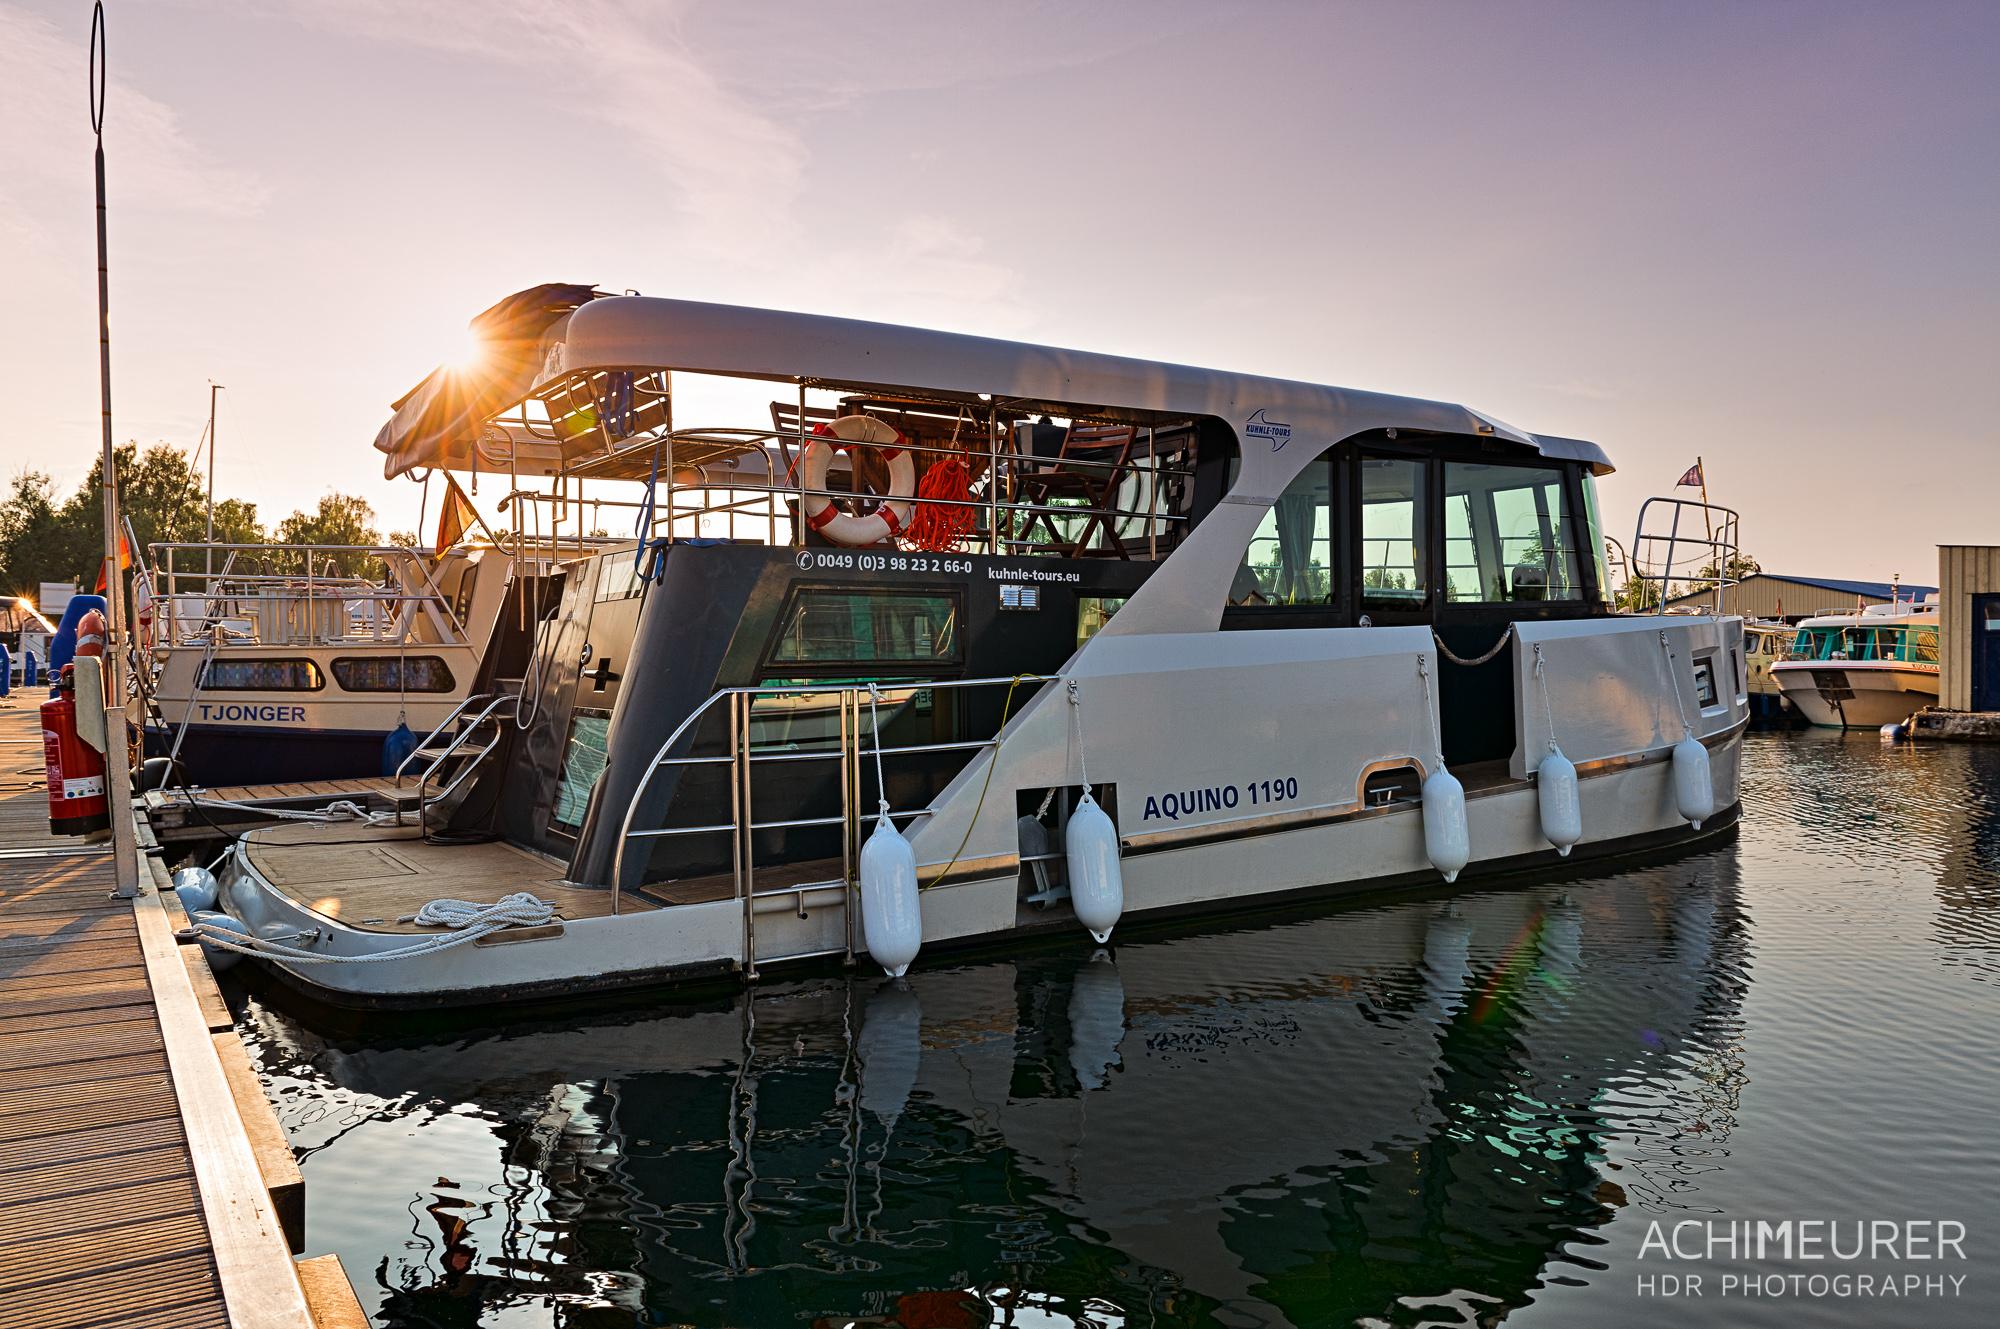 Hausboot-Kuhnle-Mueritz-Mecklenburg-Vorpommern-See_2433_2_1_HDR